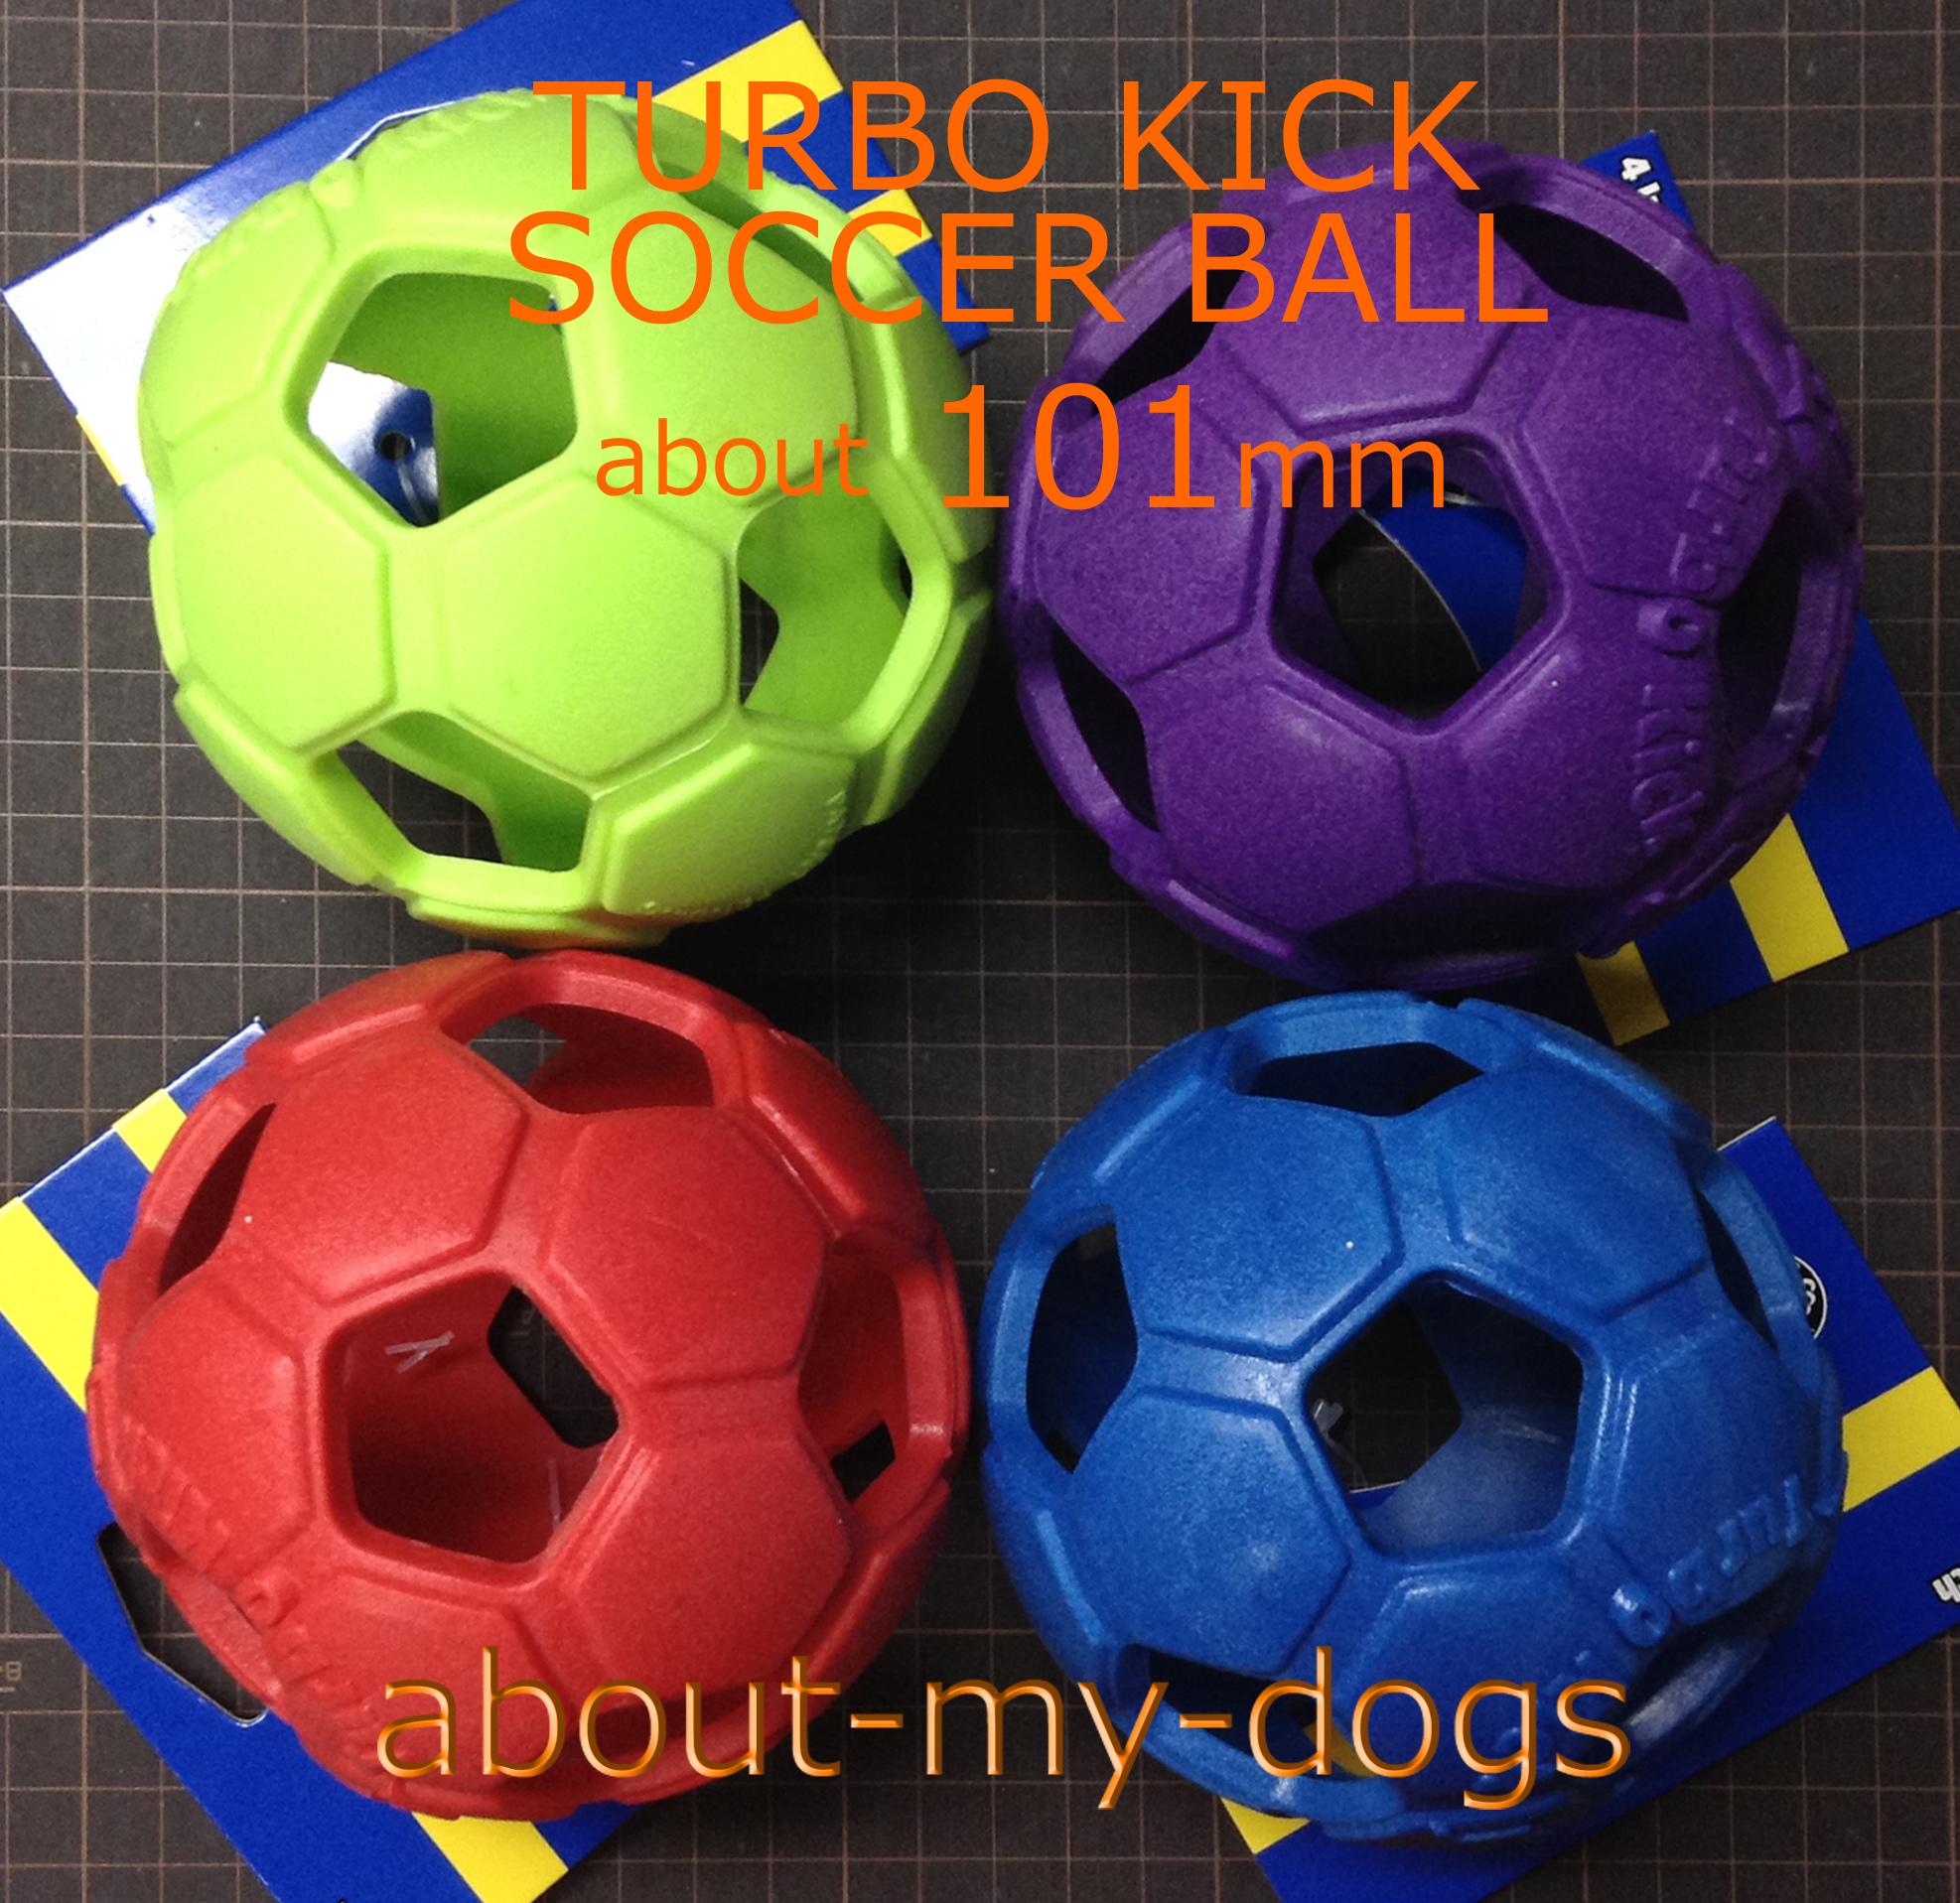 丈夫な穴あきサッカーボール10cm